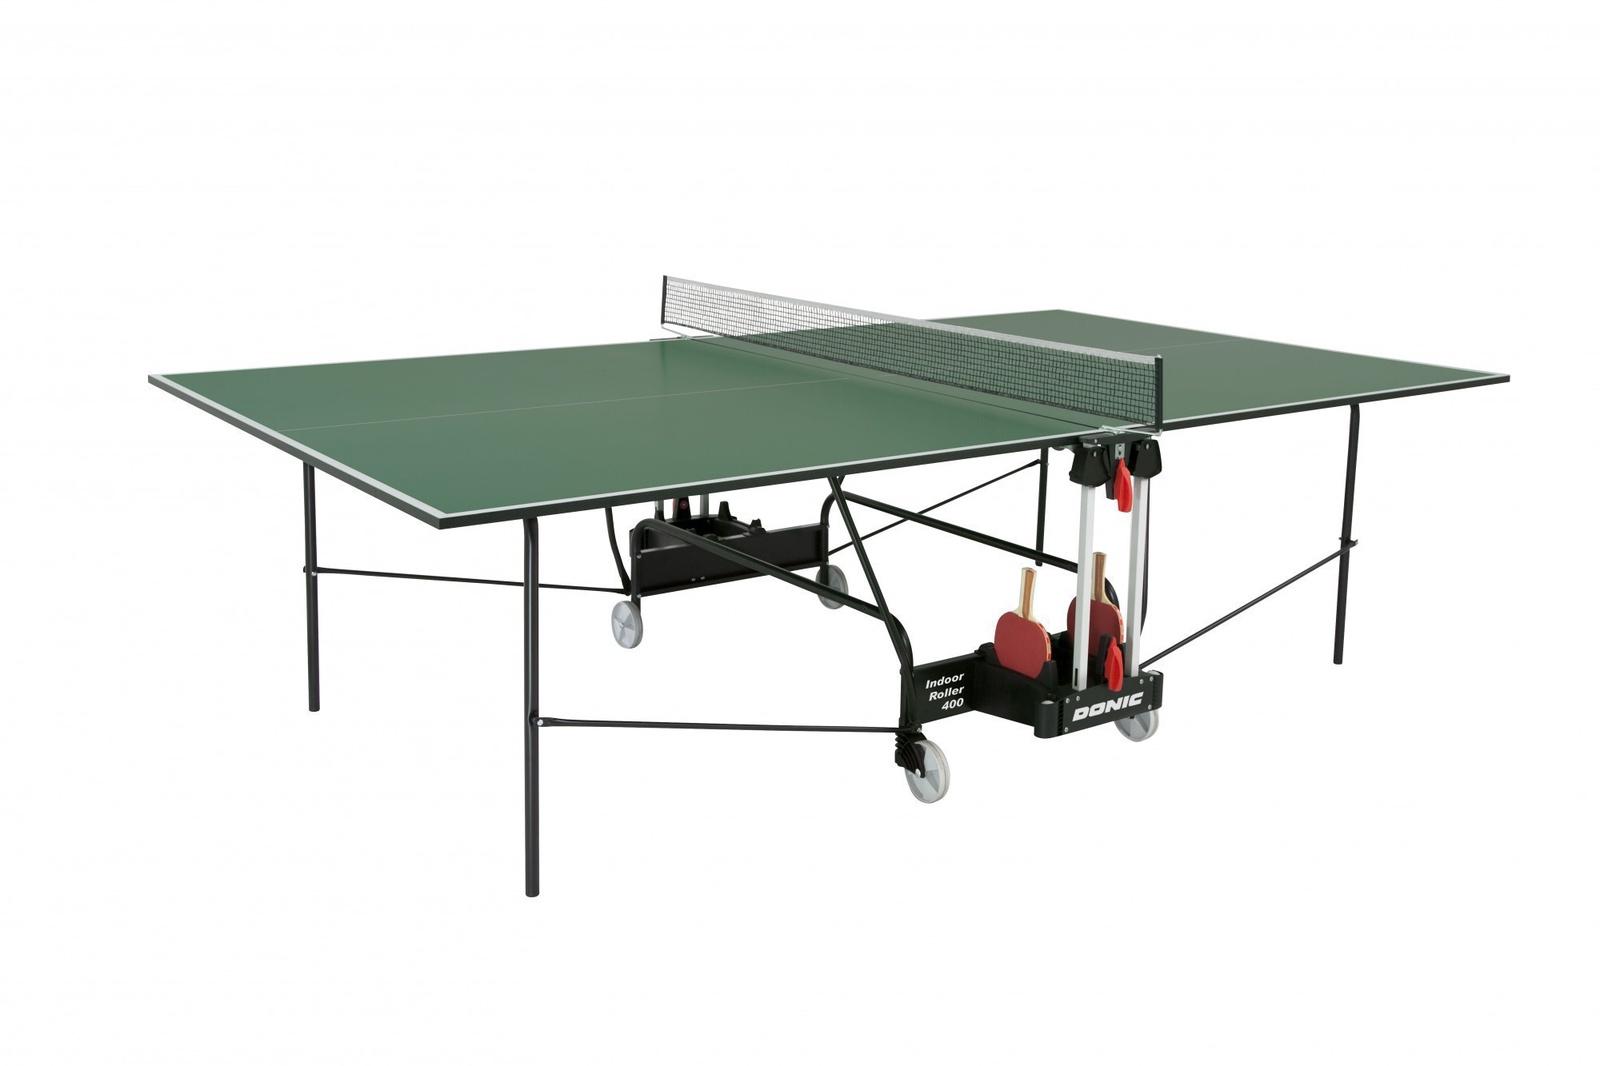 Теннисный стол Donic 230284-G, зеленый теннисный стол dfc tornado 4 мм с сеткой